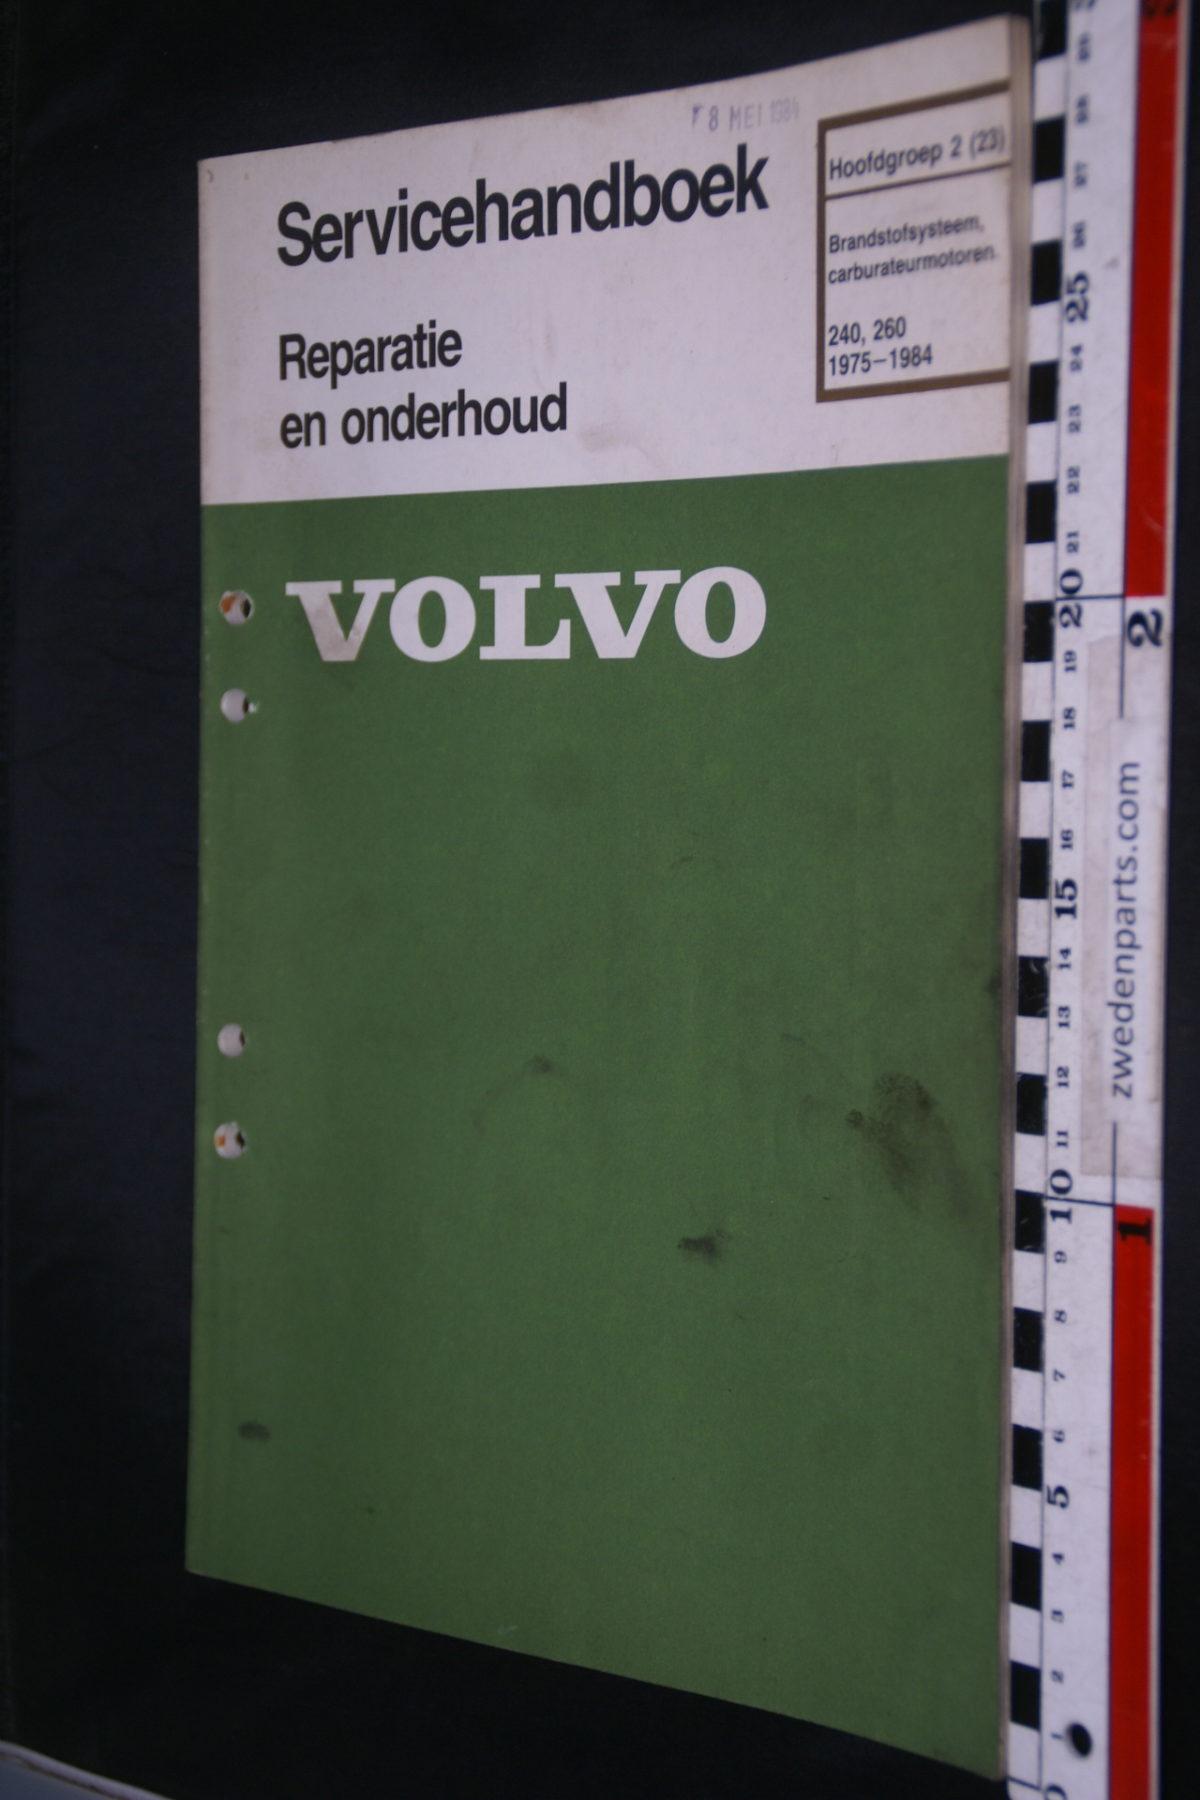 DSC08465 1984 origineel Volvo 240, 260 servicehandboek  2 (23) brandstofsysteem carburateurmotoren 1 van 800 TP 11744-2